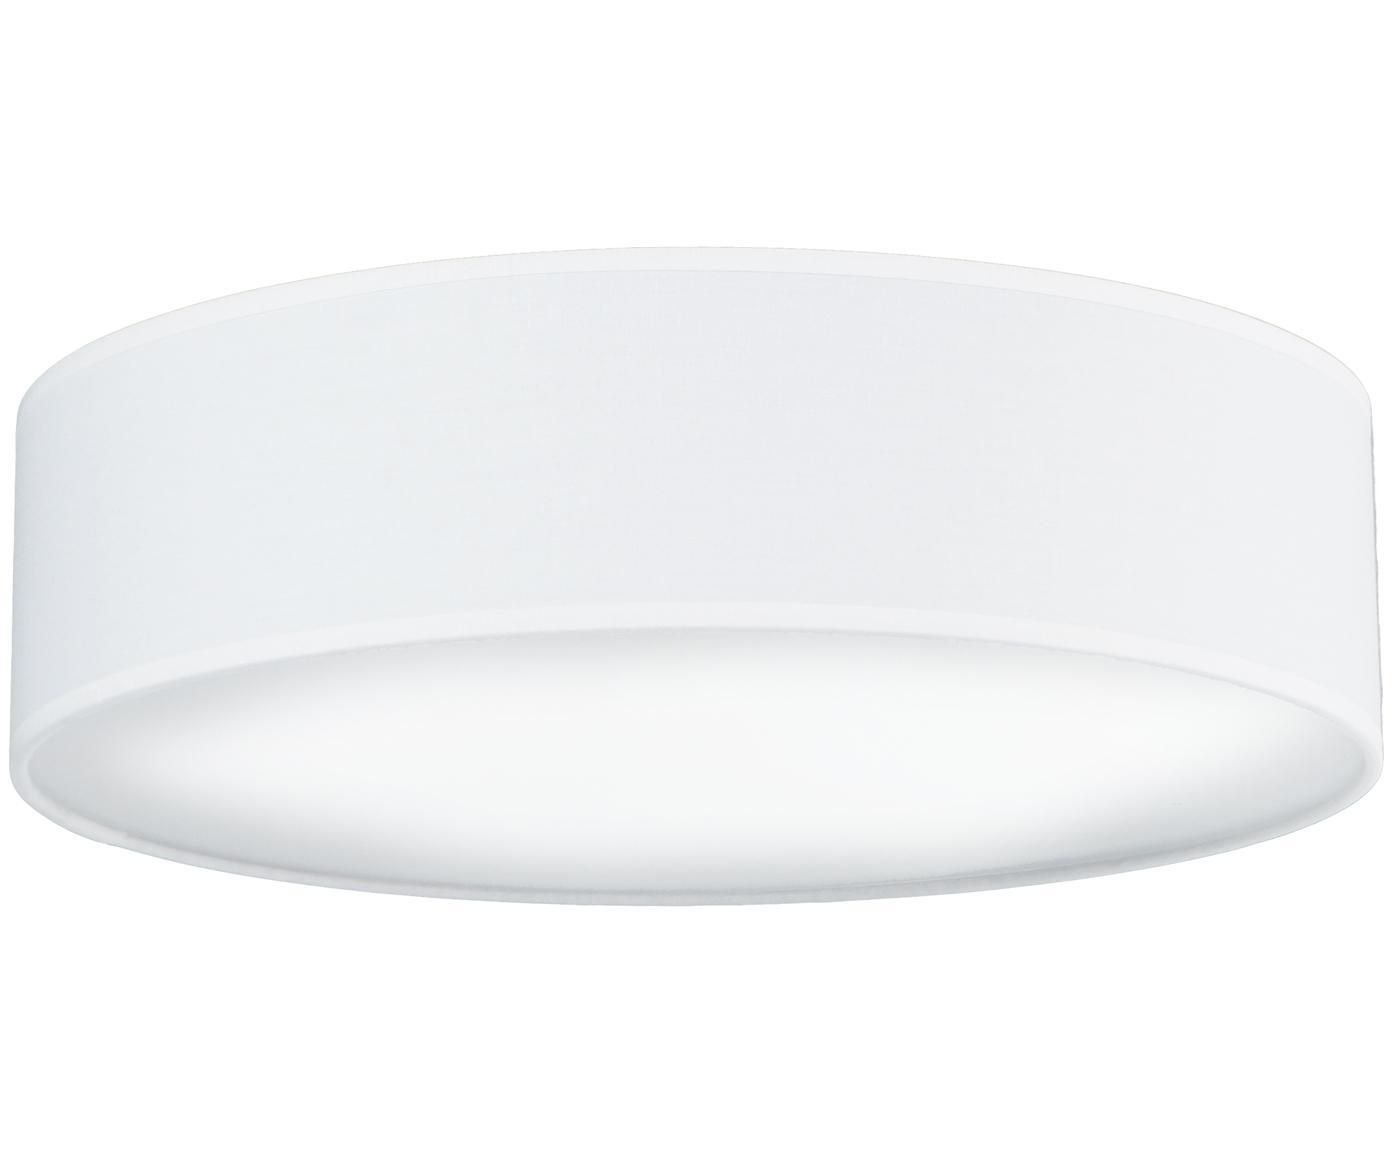 Handgefertigte Deckenleuchte Mika, Weiß, Ø 40 x H 10 cm